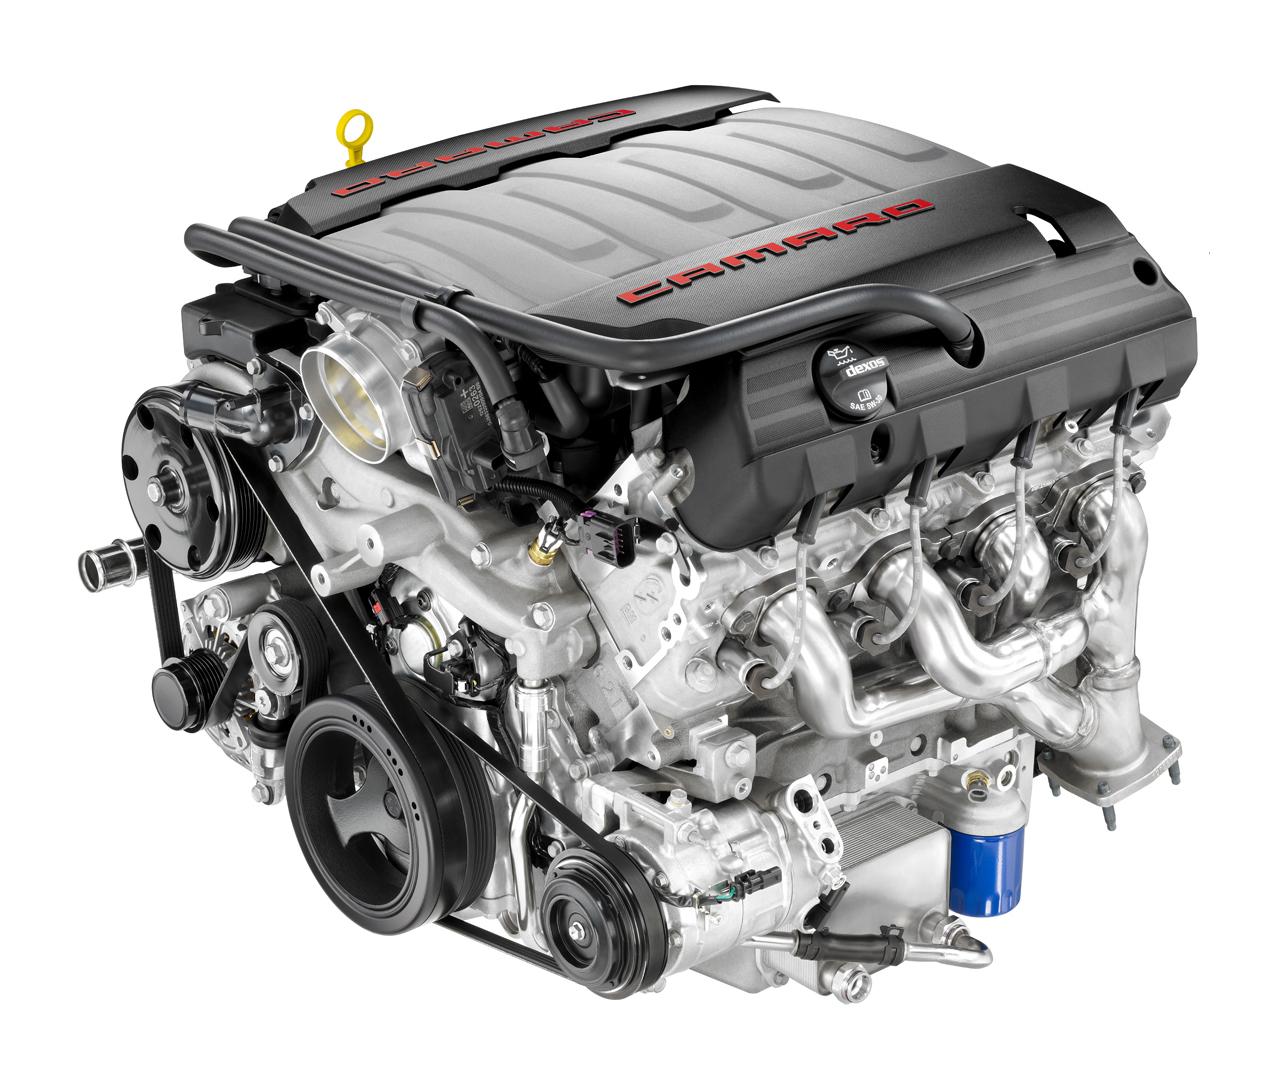 Il recentissimo 6.2L V8 LT1 ad iniezione diretta installato sulla Camaro 2016, capace di erogare 455 cavalli (339 kW) ed una coppia di ben 617 Nm (dati pubblicati da gm.com). Disponibili modelli nelle due varianti con cambio a 6 velocità manuale e 8 velocità automatico.